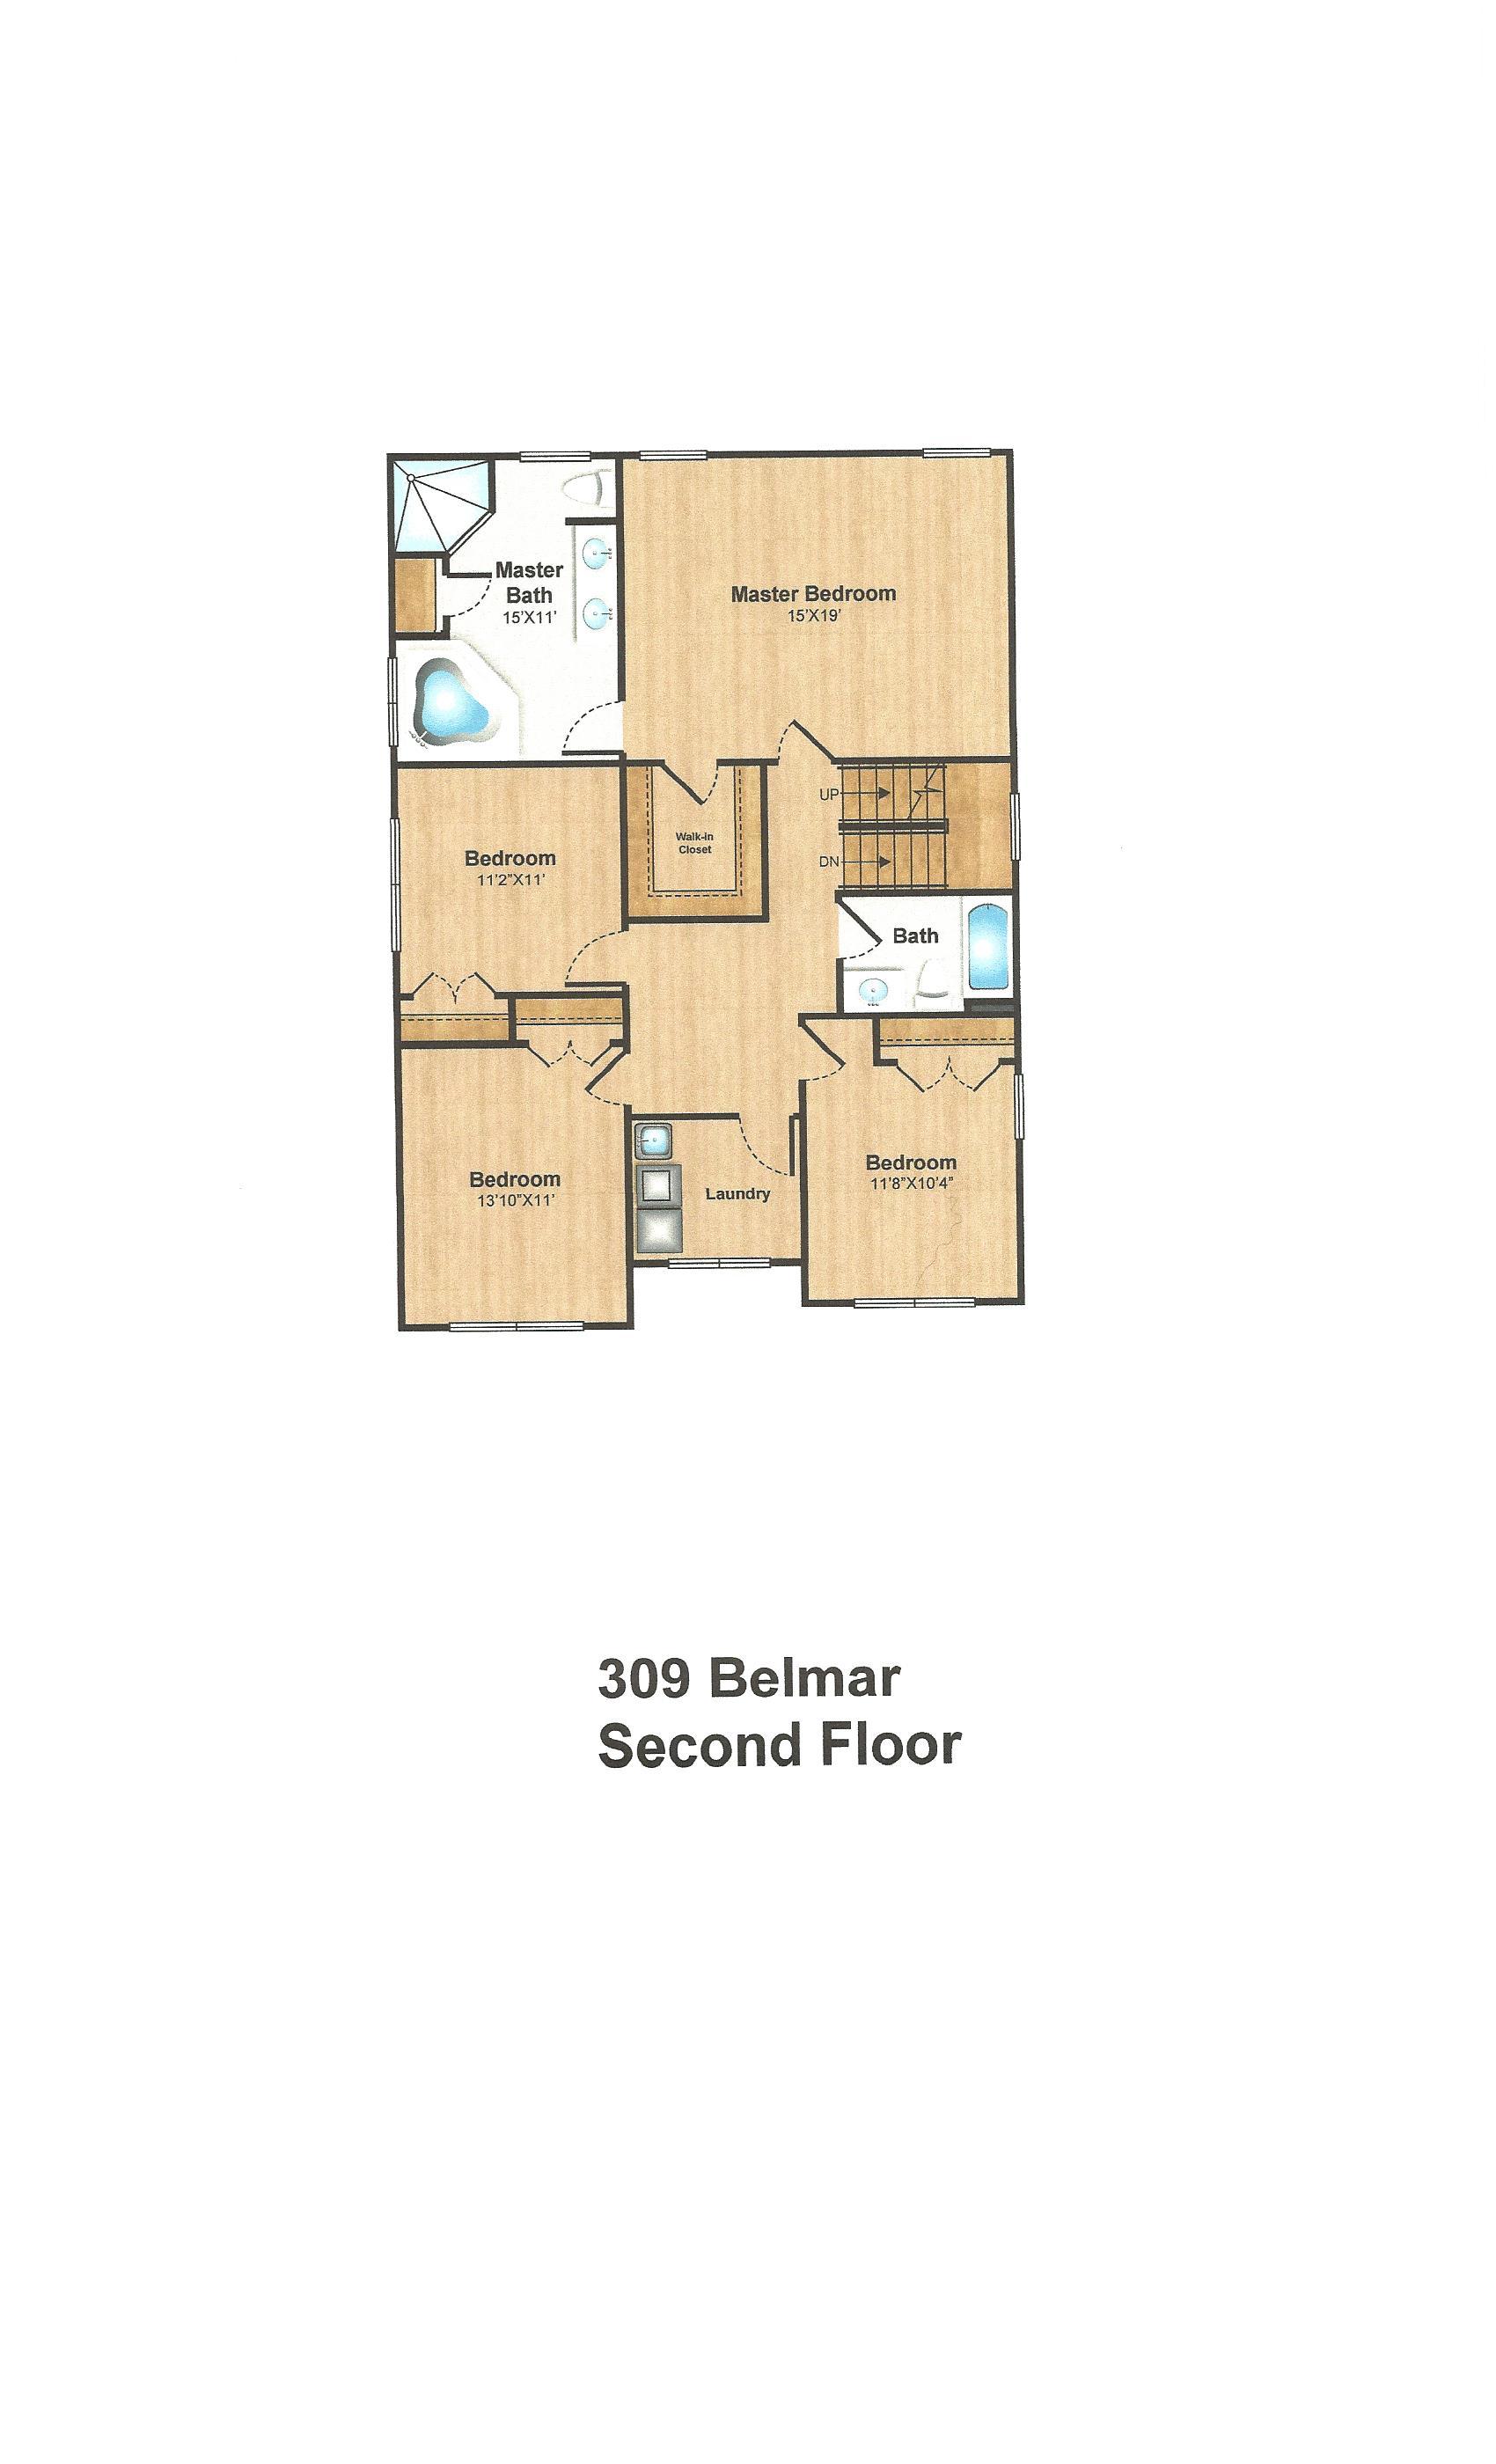 309 belmar second floor